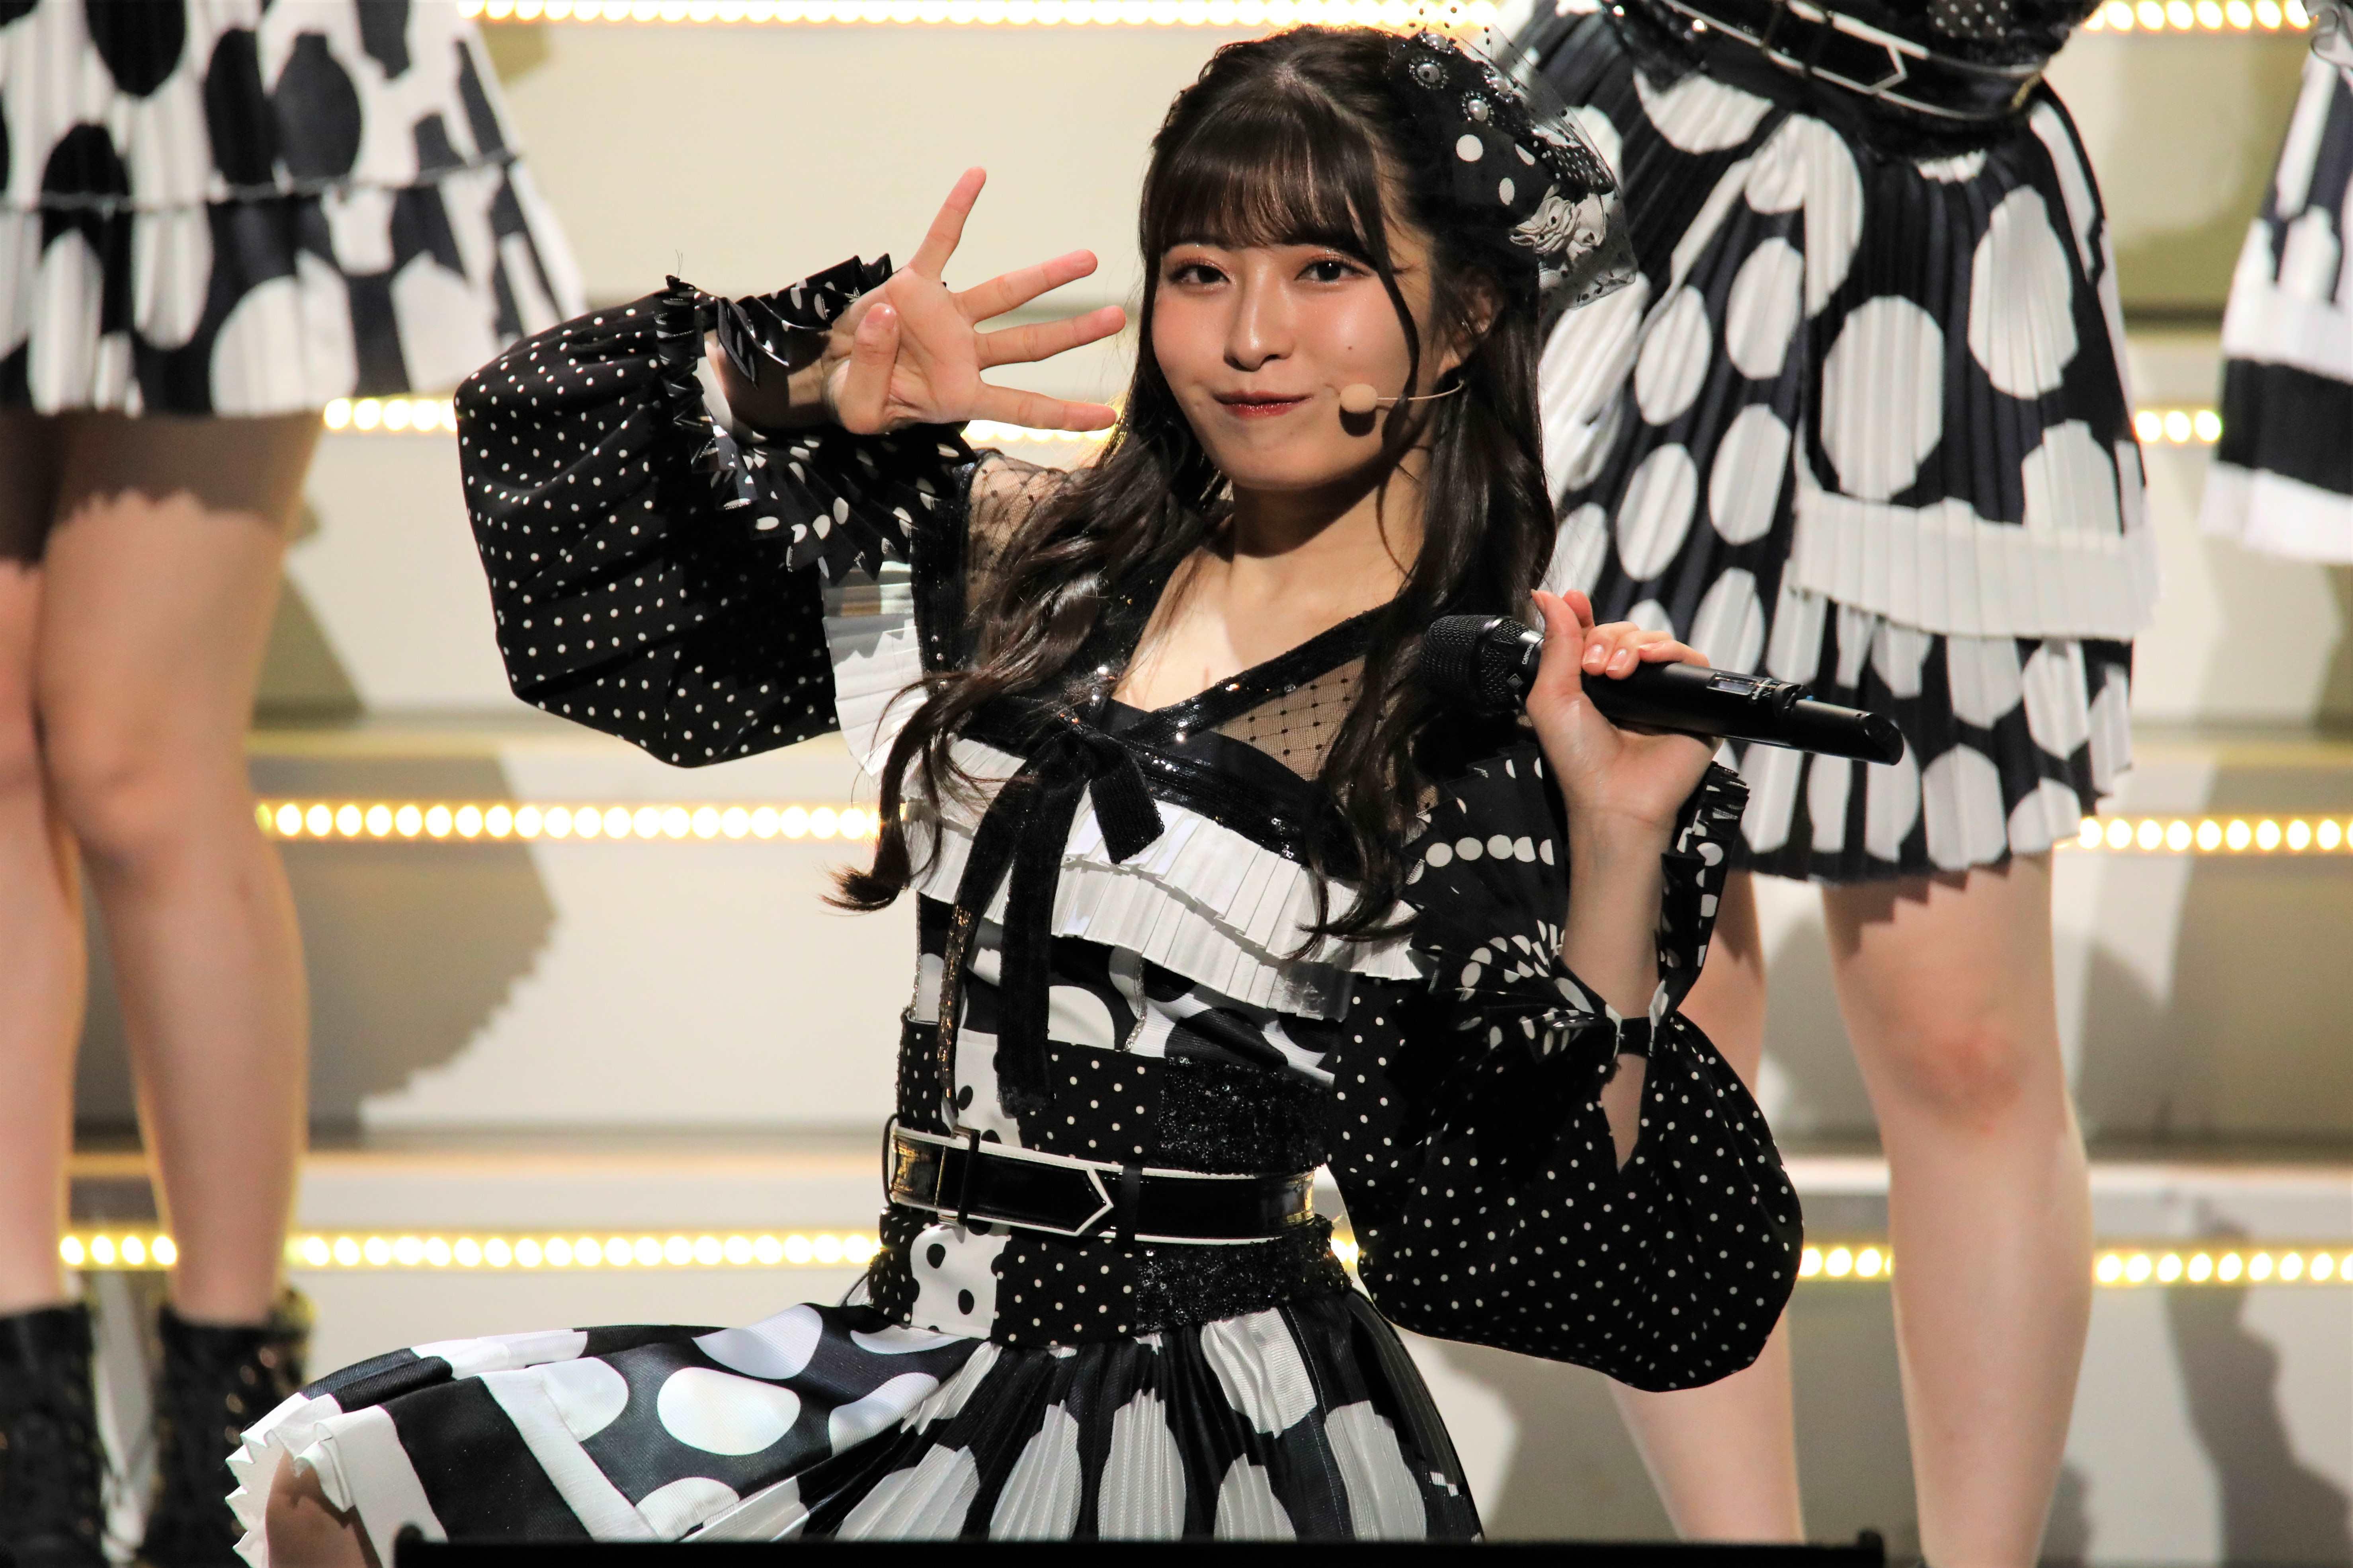 行天優莉奈 ©AKB48 THE AUDISHOW製作委員会 無断アップロード及び転送は一切禁止です。